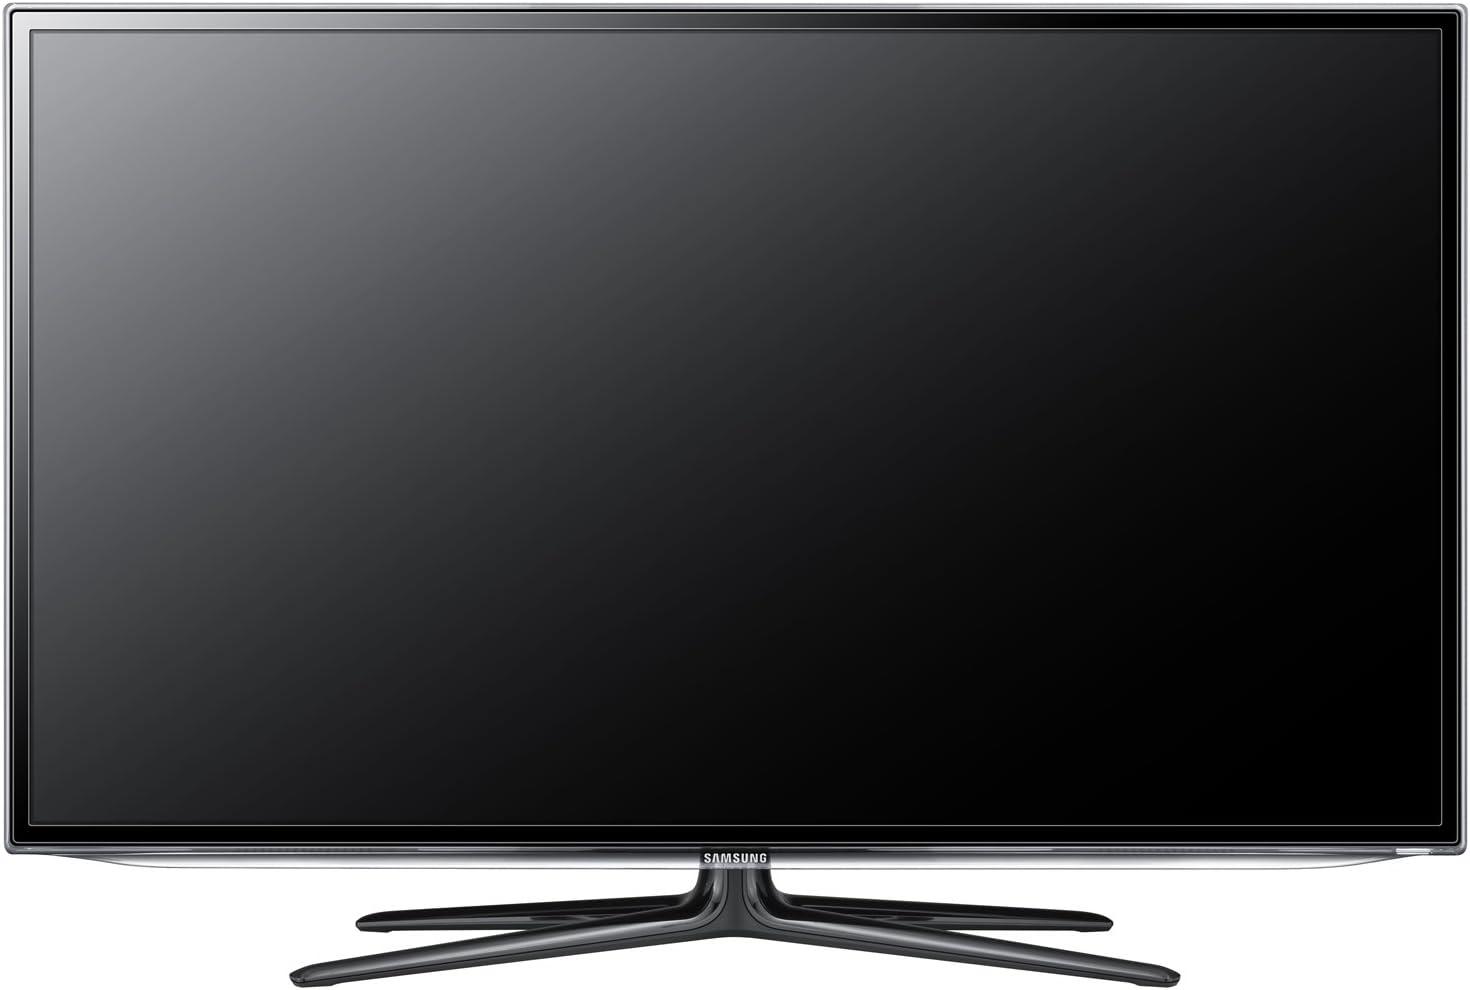 Samsung UE60ES6100W 60